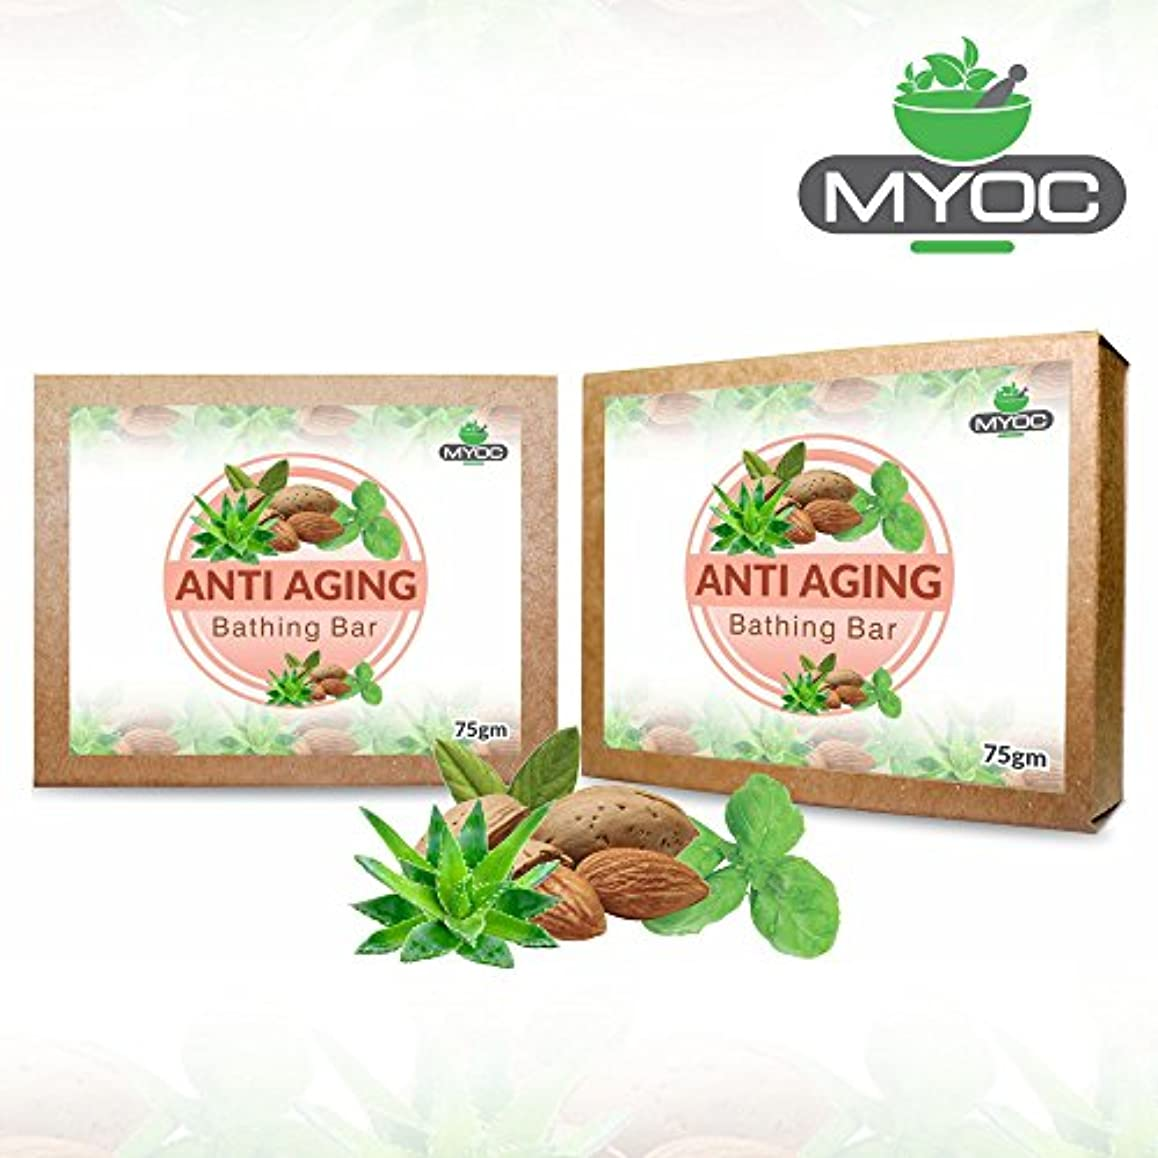 歯科医フィルタ砂利Aloe vera, Basil, Almond oil, Avocado oil, Eveneing Primrose, Vitamin E and Glycerine soap for glowing skin. Rejuvenates...